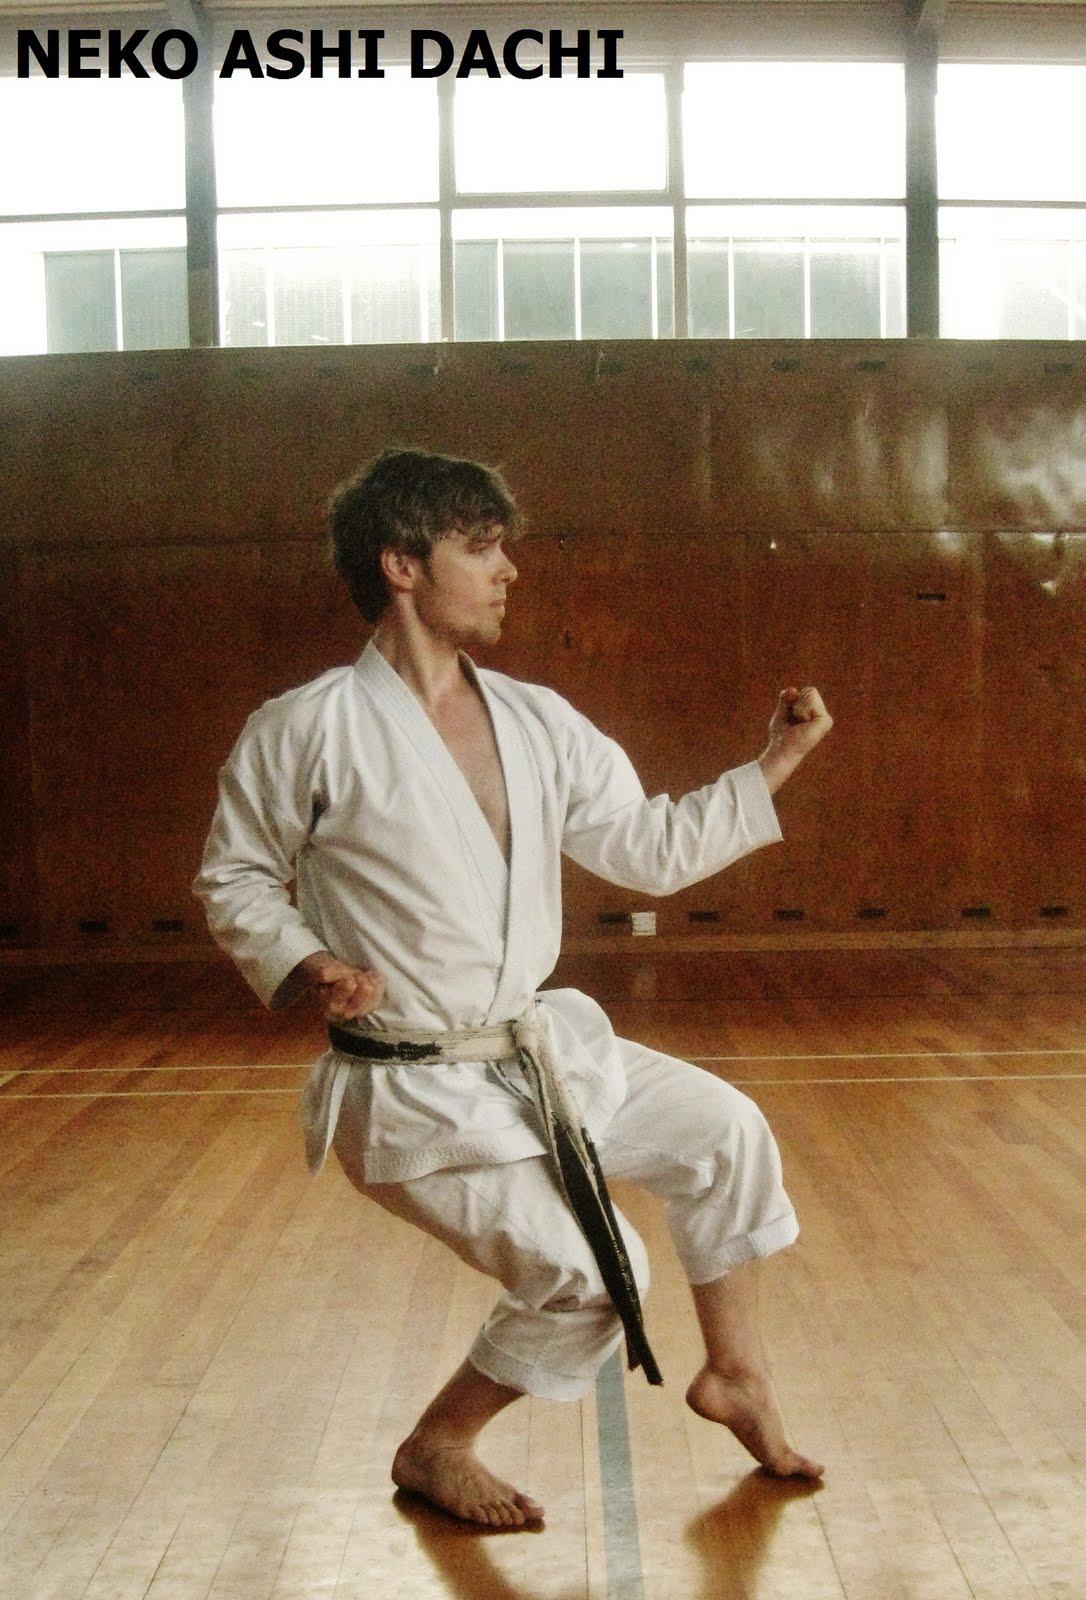 Karate: golpes y defensas con codo y antebrazo NEKO_ASHI_DACHI__Junro-shodan__Andre_Bertel_